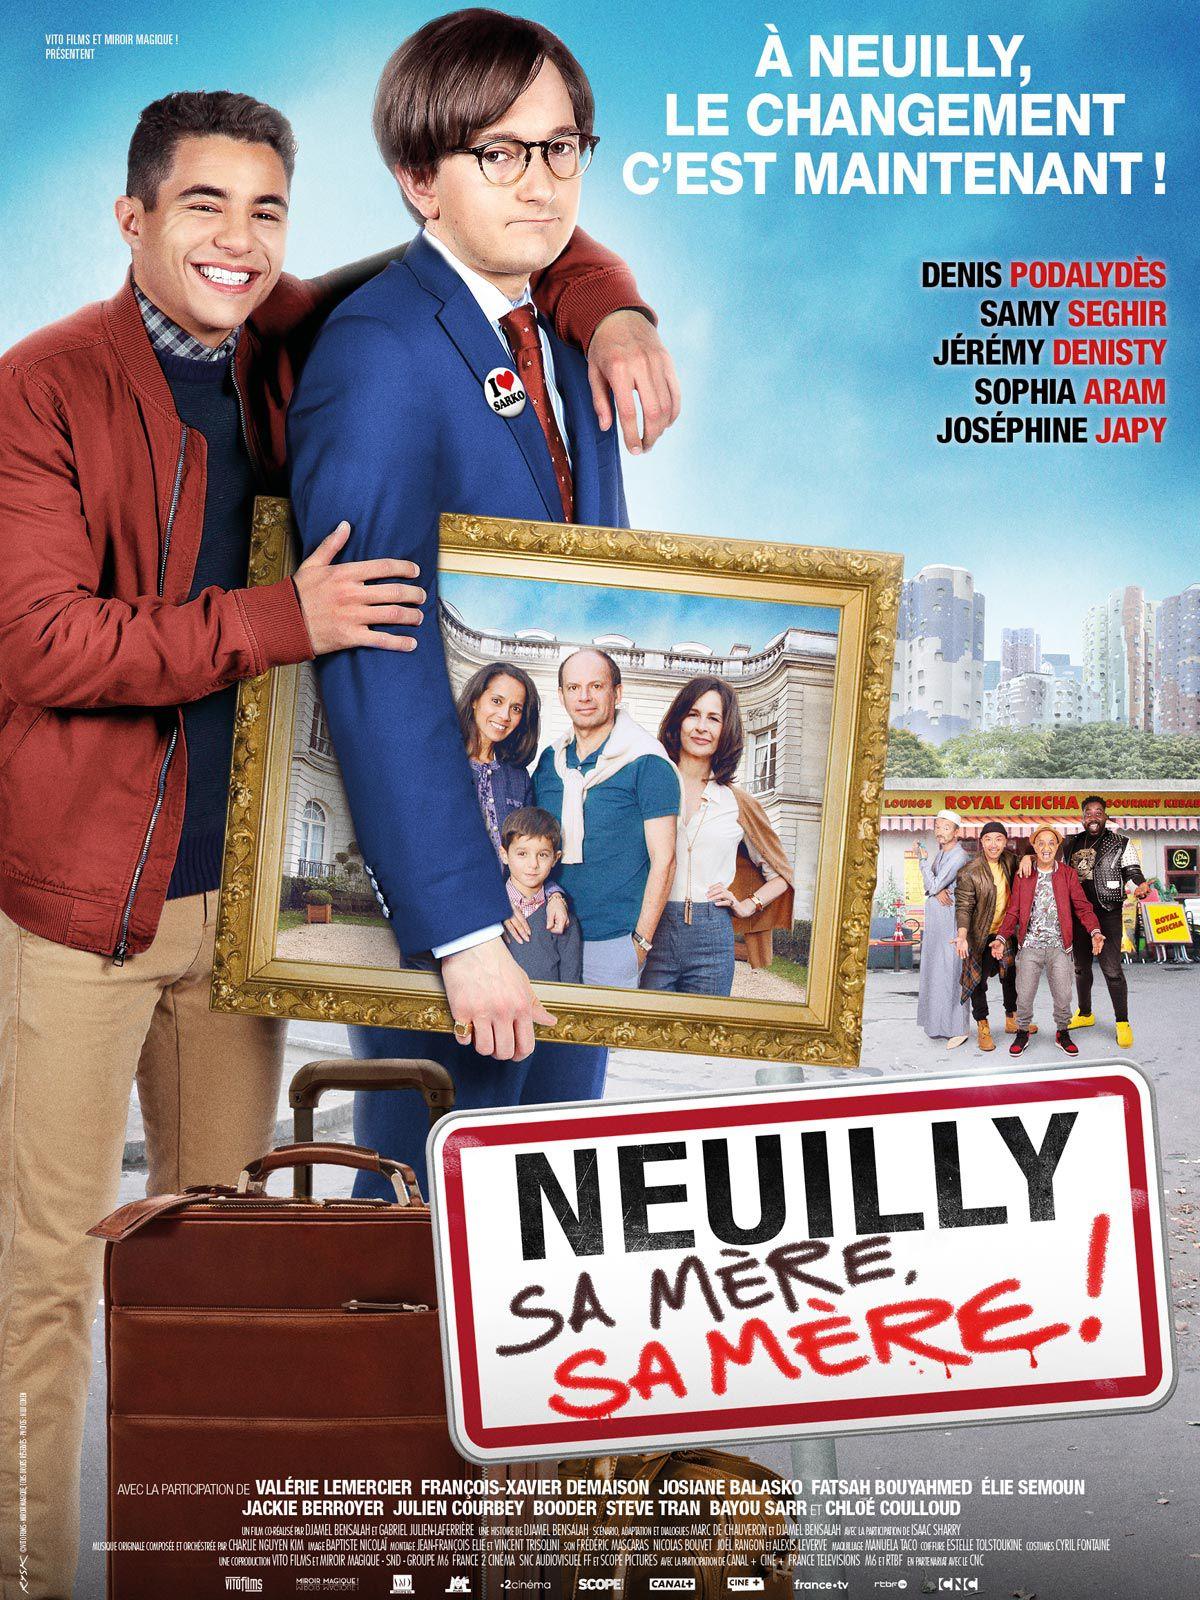 Neuilly sa mère, sa mère ! - Film (2018)